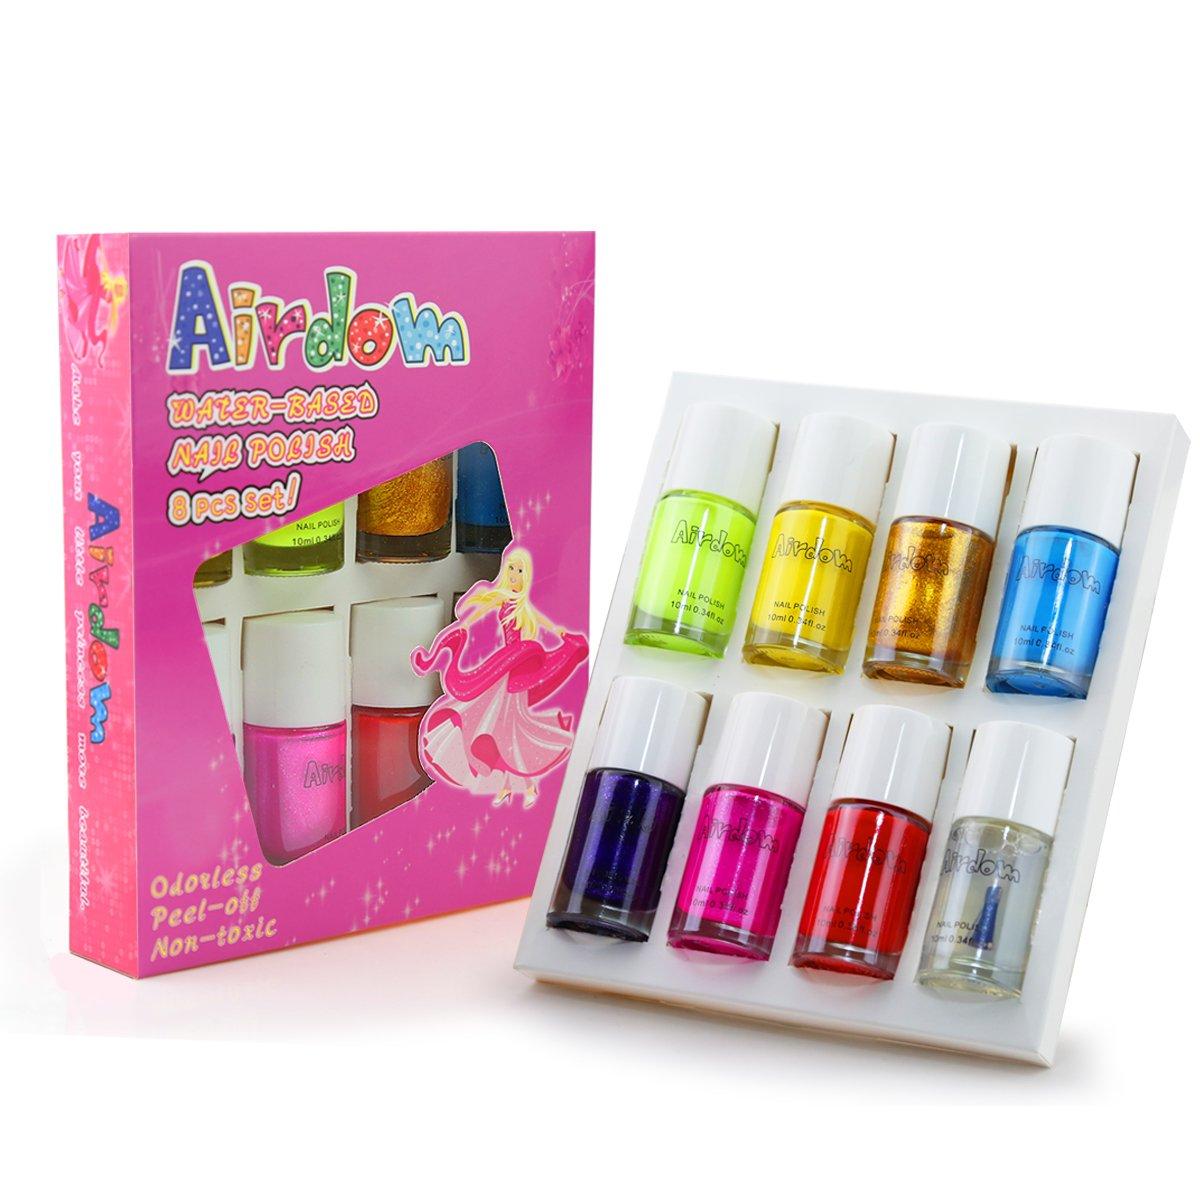 Nail polish sets for young girls-1891